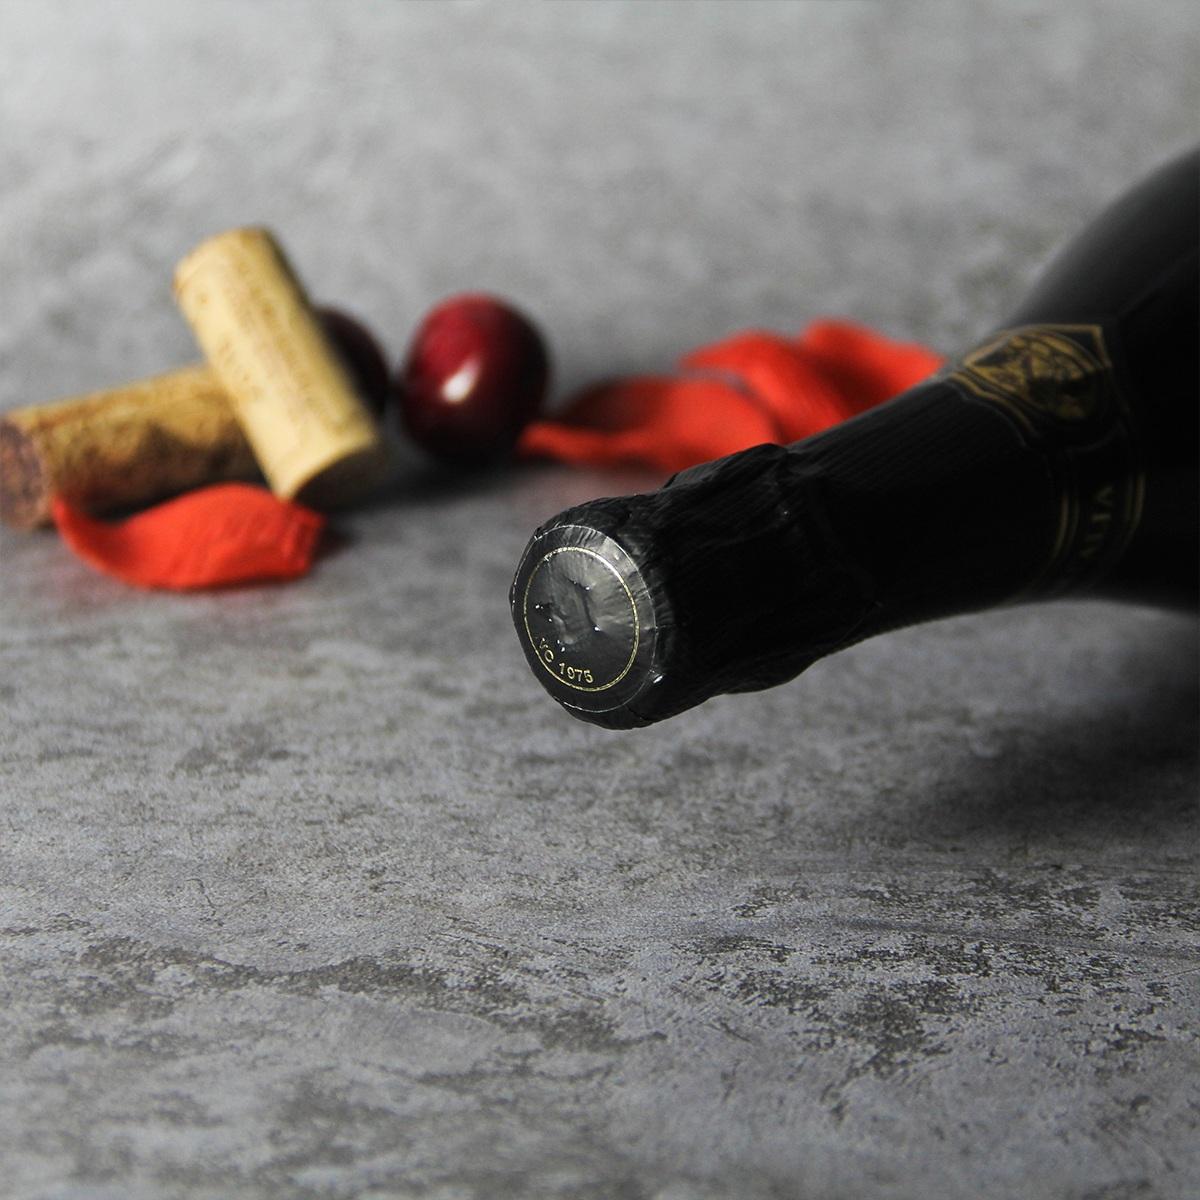 意大利皮埃蒙特万多酒庄凯撒荔枝味汽泡鸡尾酒(配制酒)